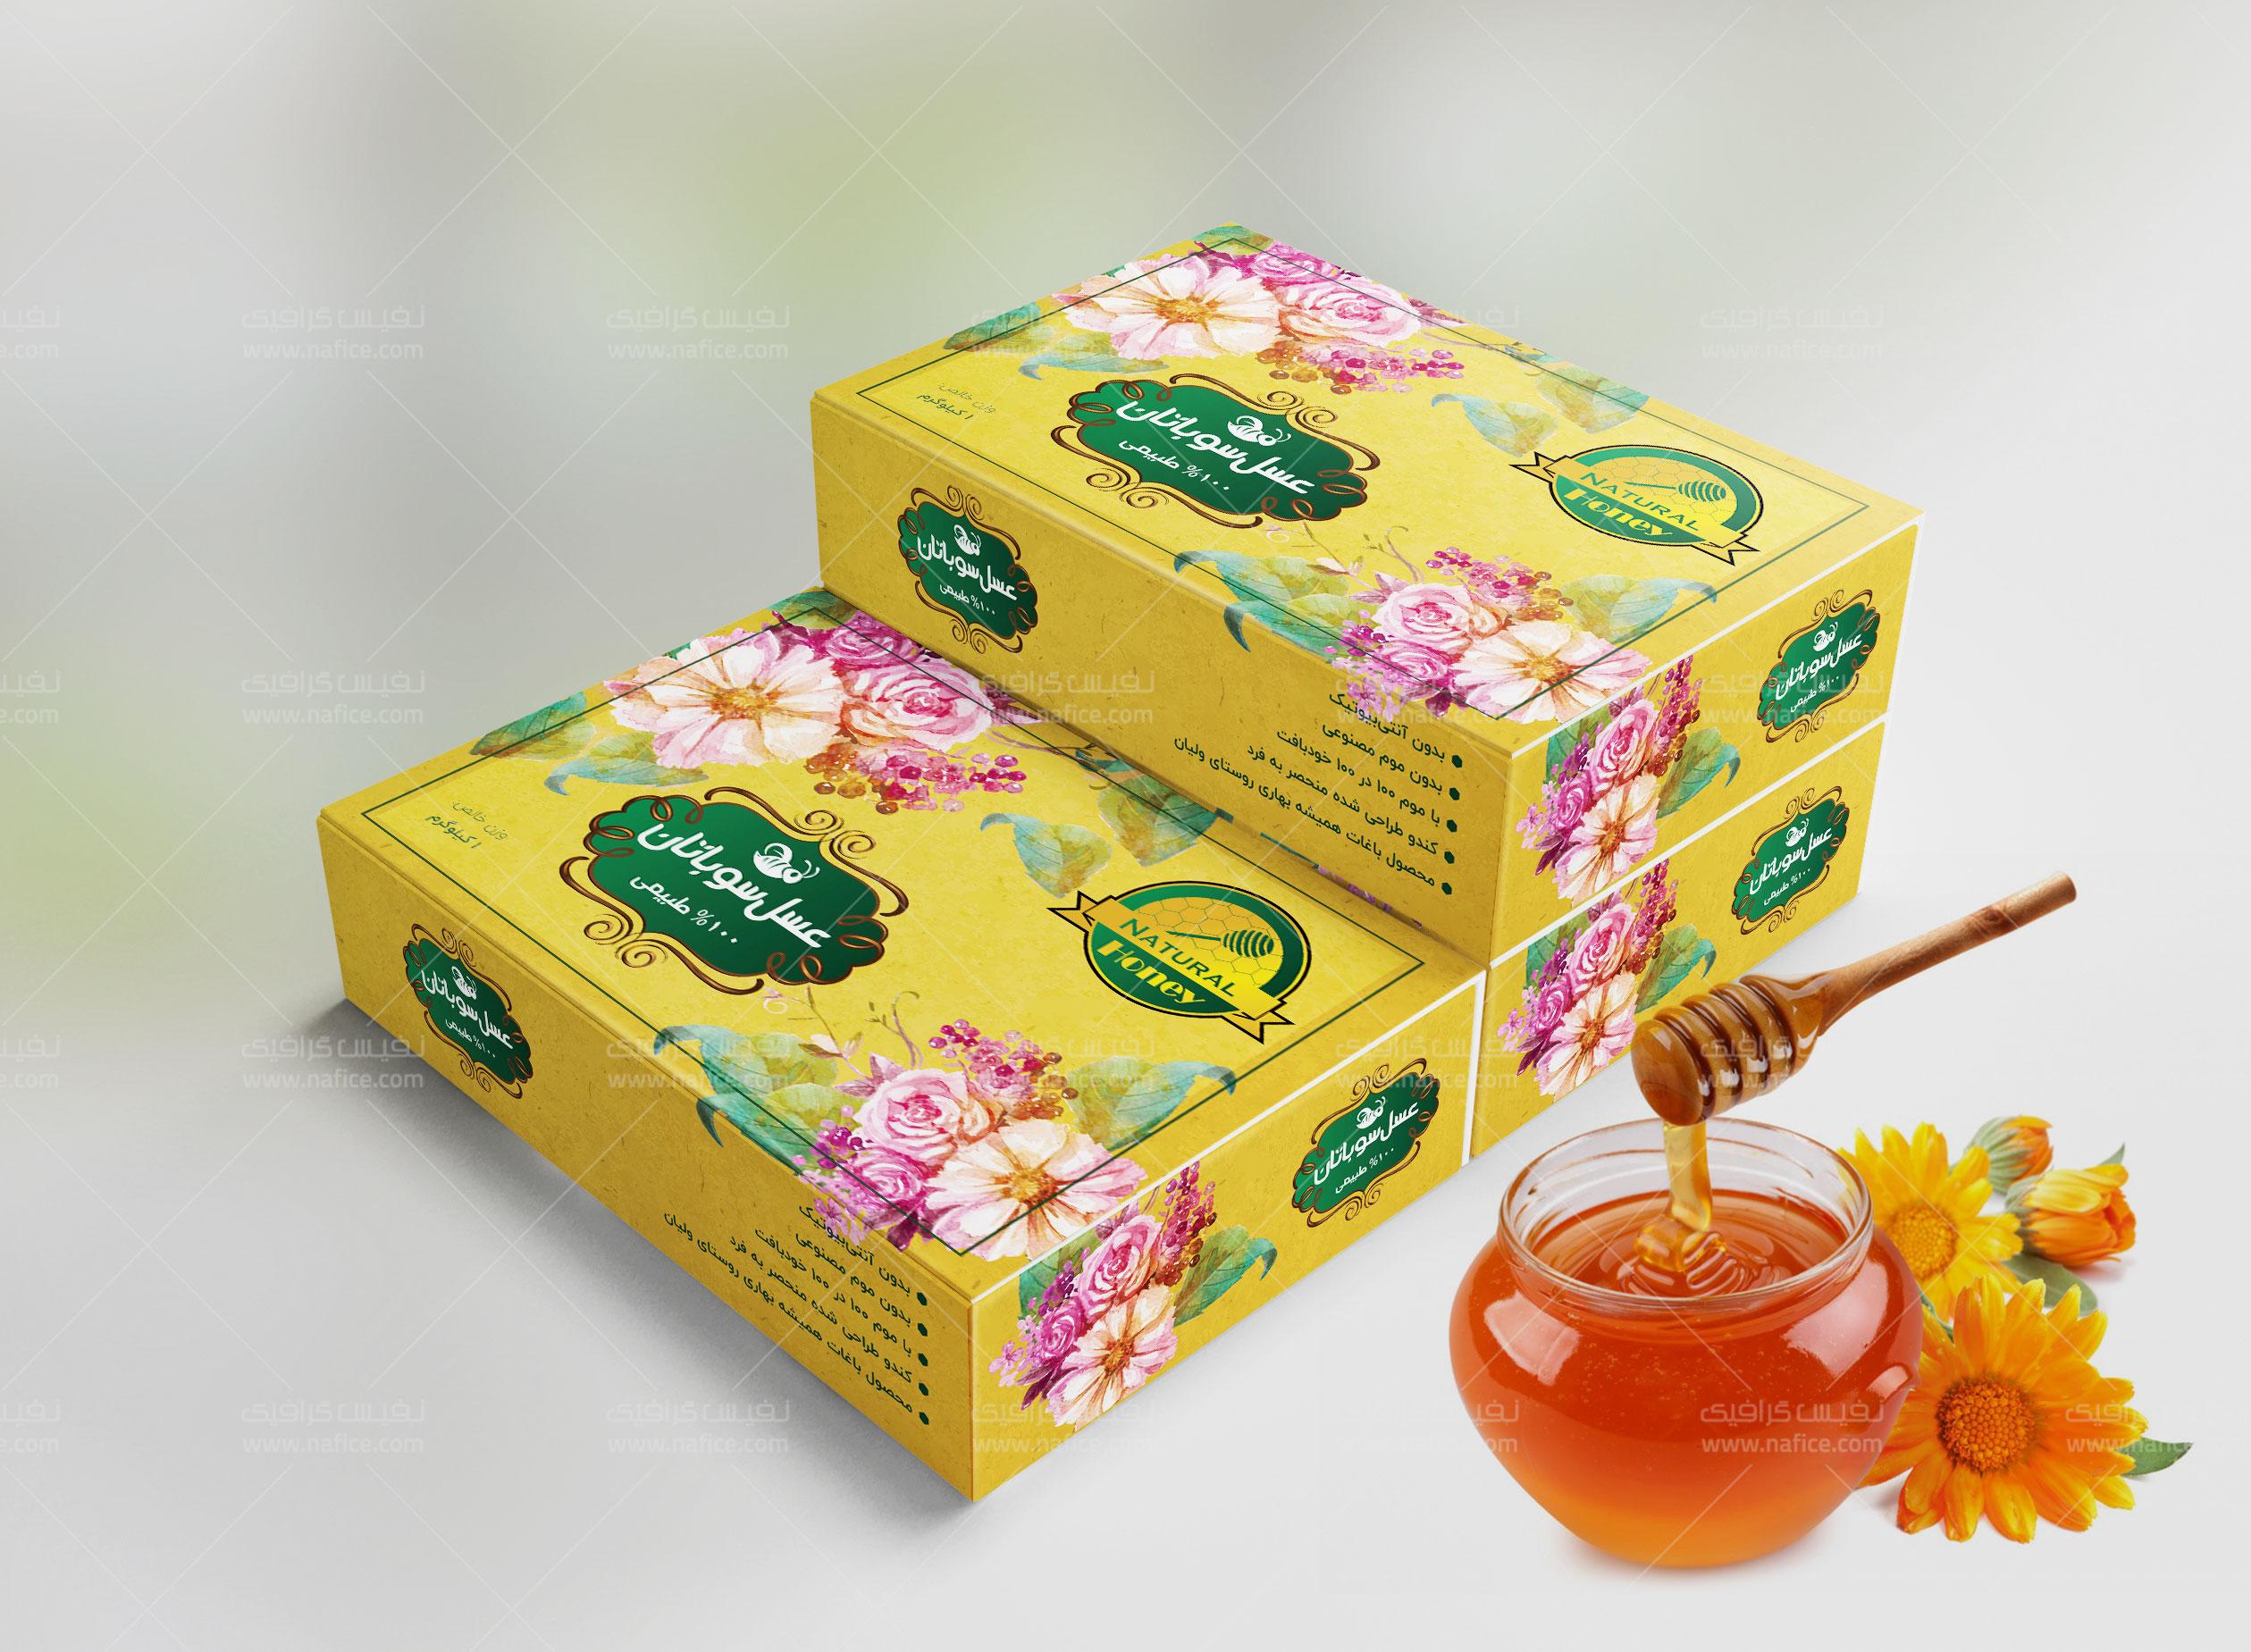 چاپ و طراحی جعبه عسل سوباتان -  -